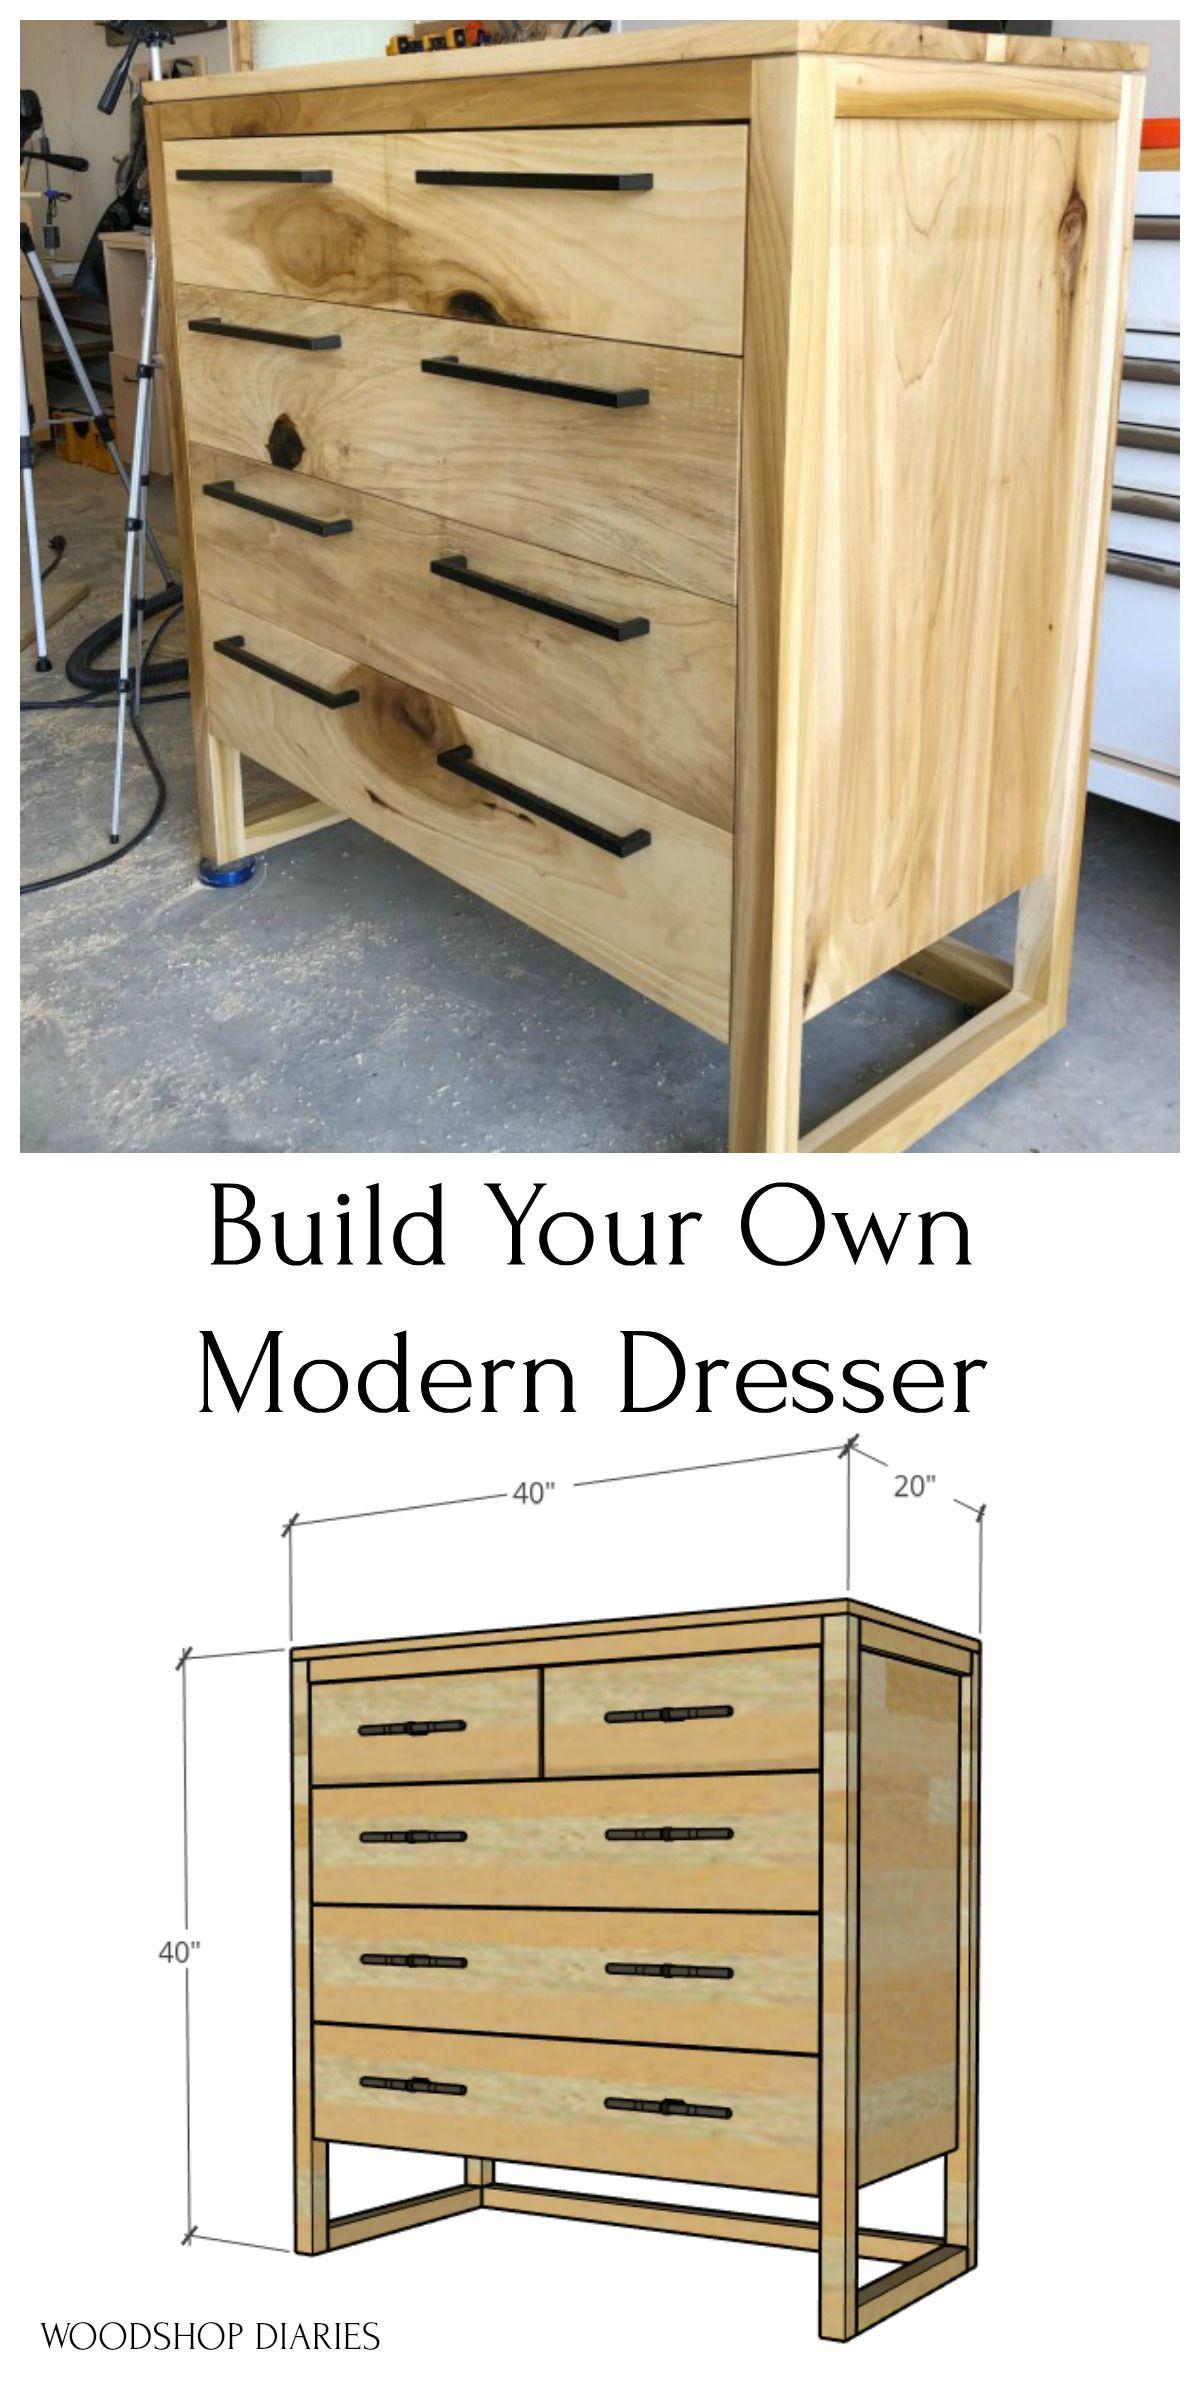 Modern 5 Drawer Dresser 9 Step Printable Building Plans In 2020 Diy Modern Furniture Diy Furniture Easy Diy Furniture Decor